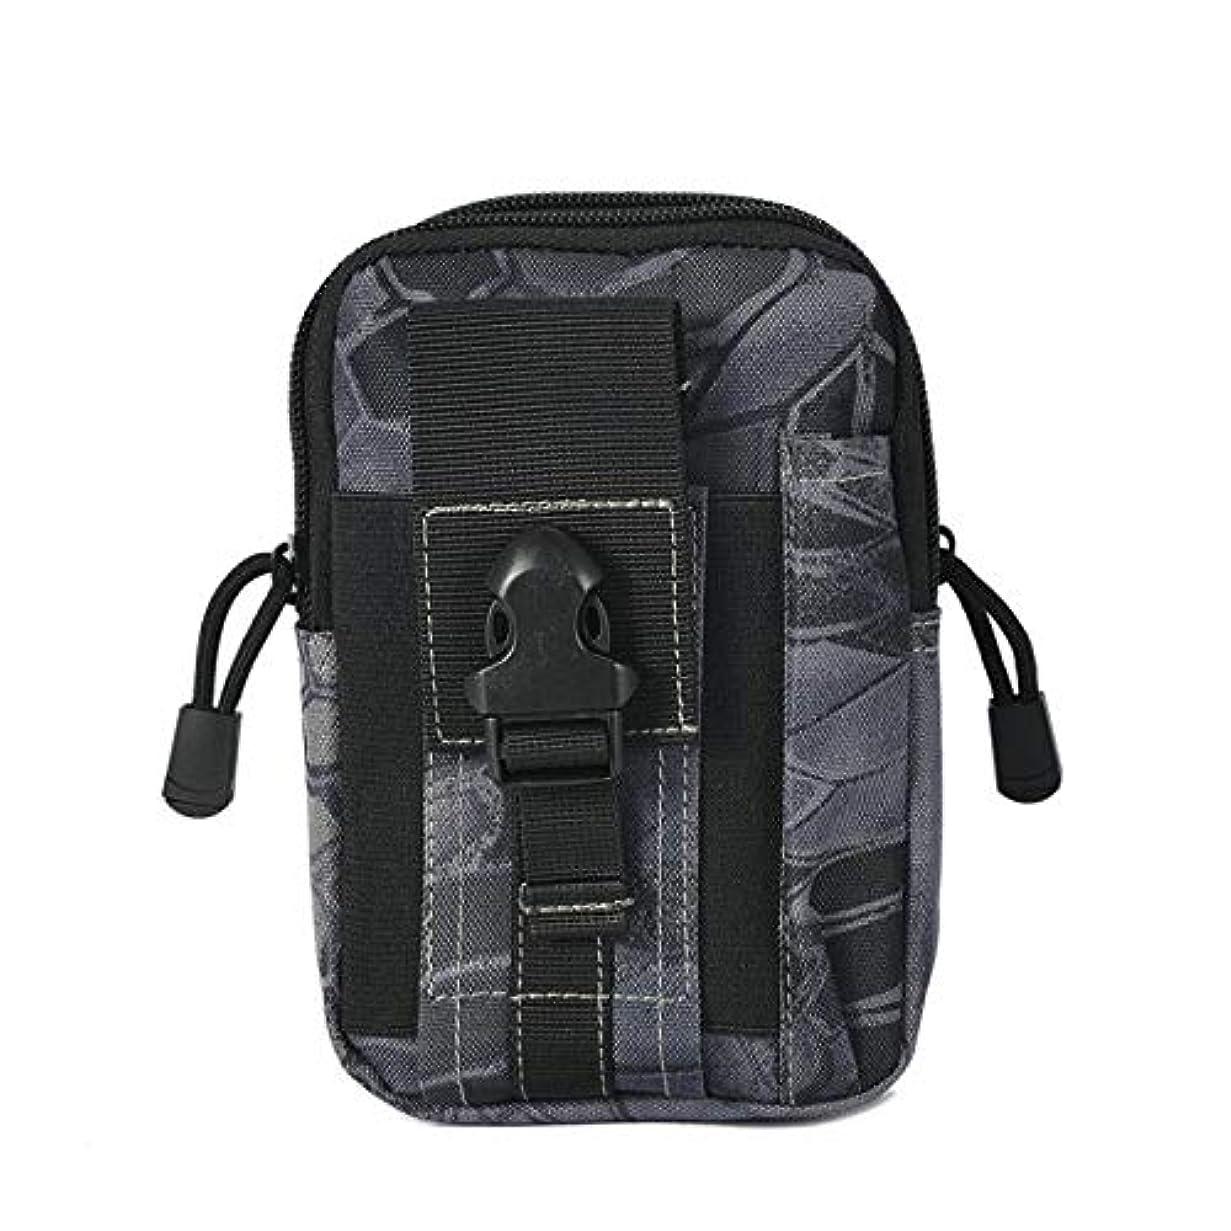 後ろ、背後、背面(部家庭両方DishyKooker 電話ポケット防水バッグ タクティカルモールポーチベルト ウエストパック